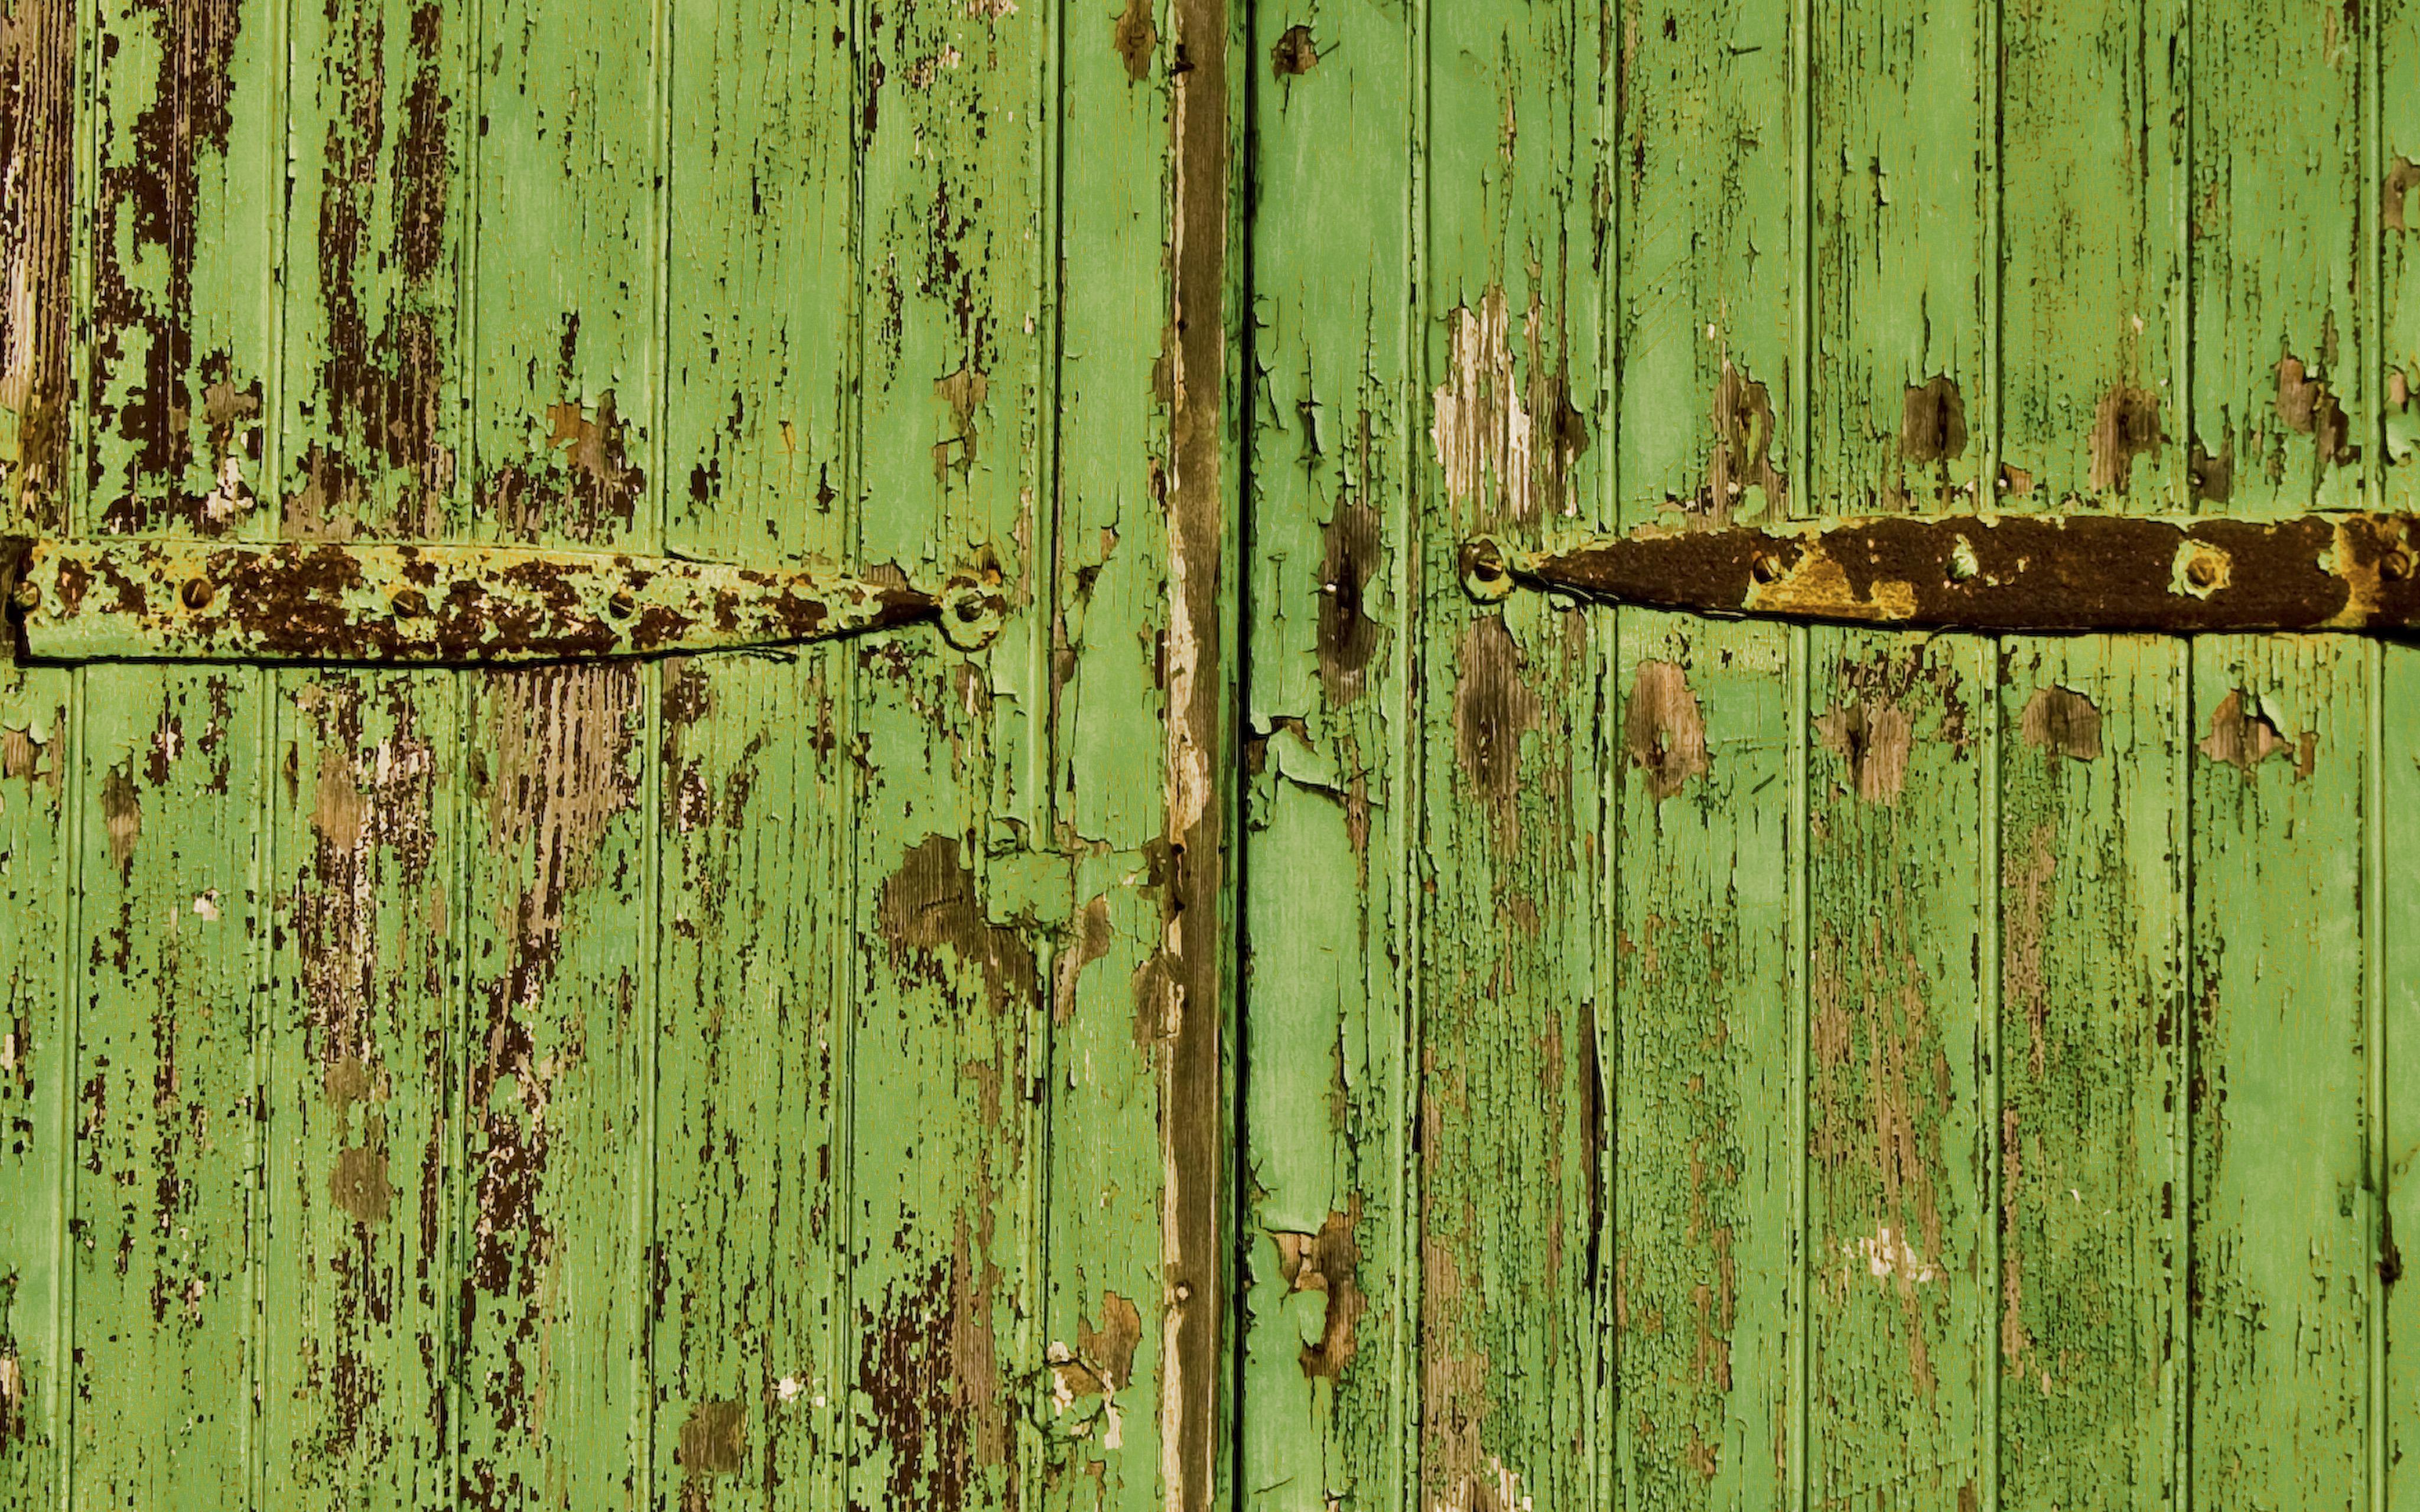 green door texture by Schwingding